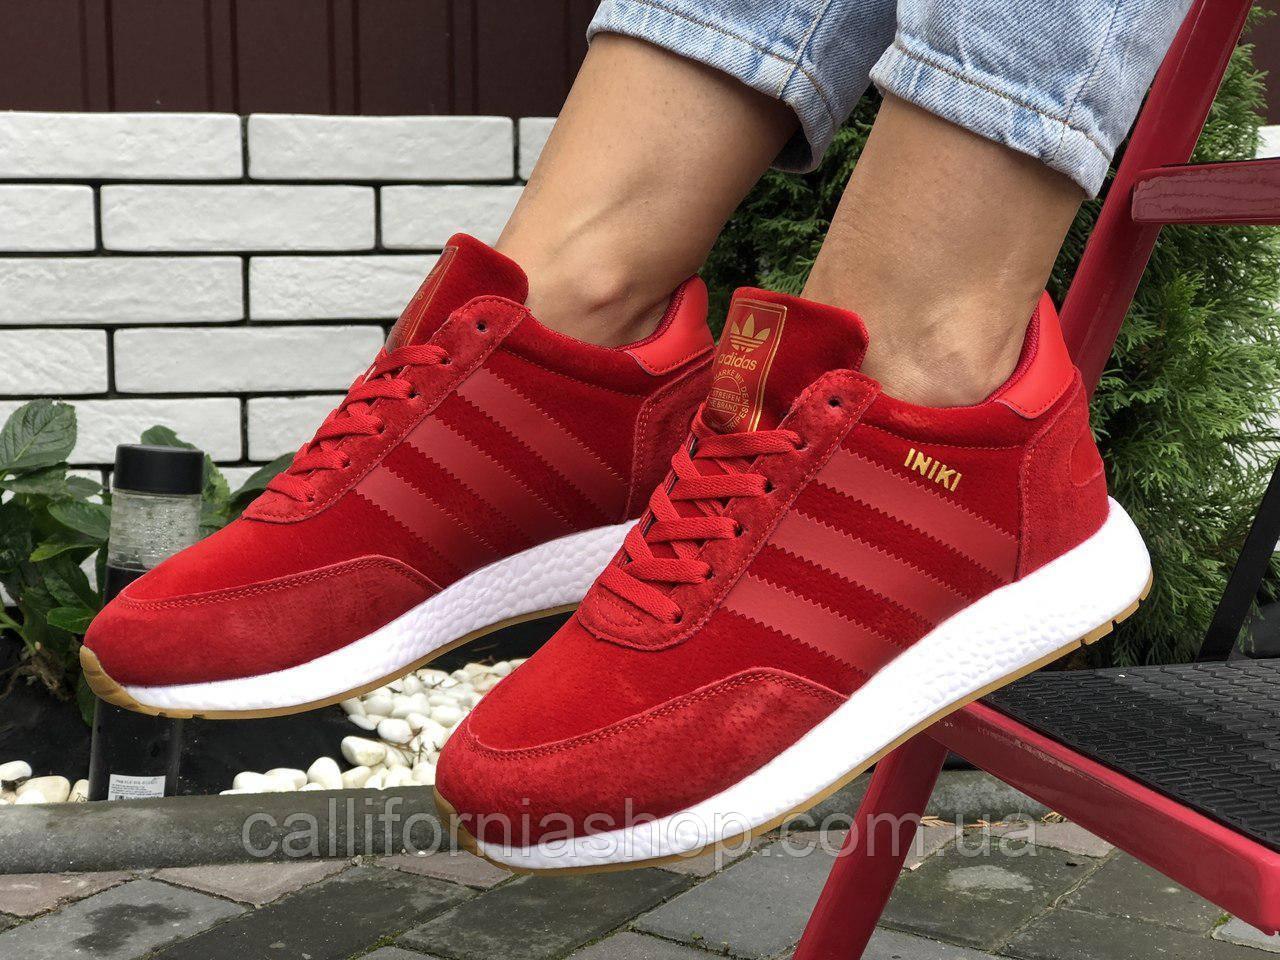 Женские кроссовки красные зимние Adidas Iniki Адидас Иники на меху теплые